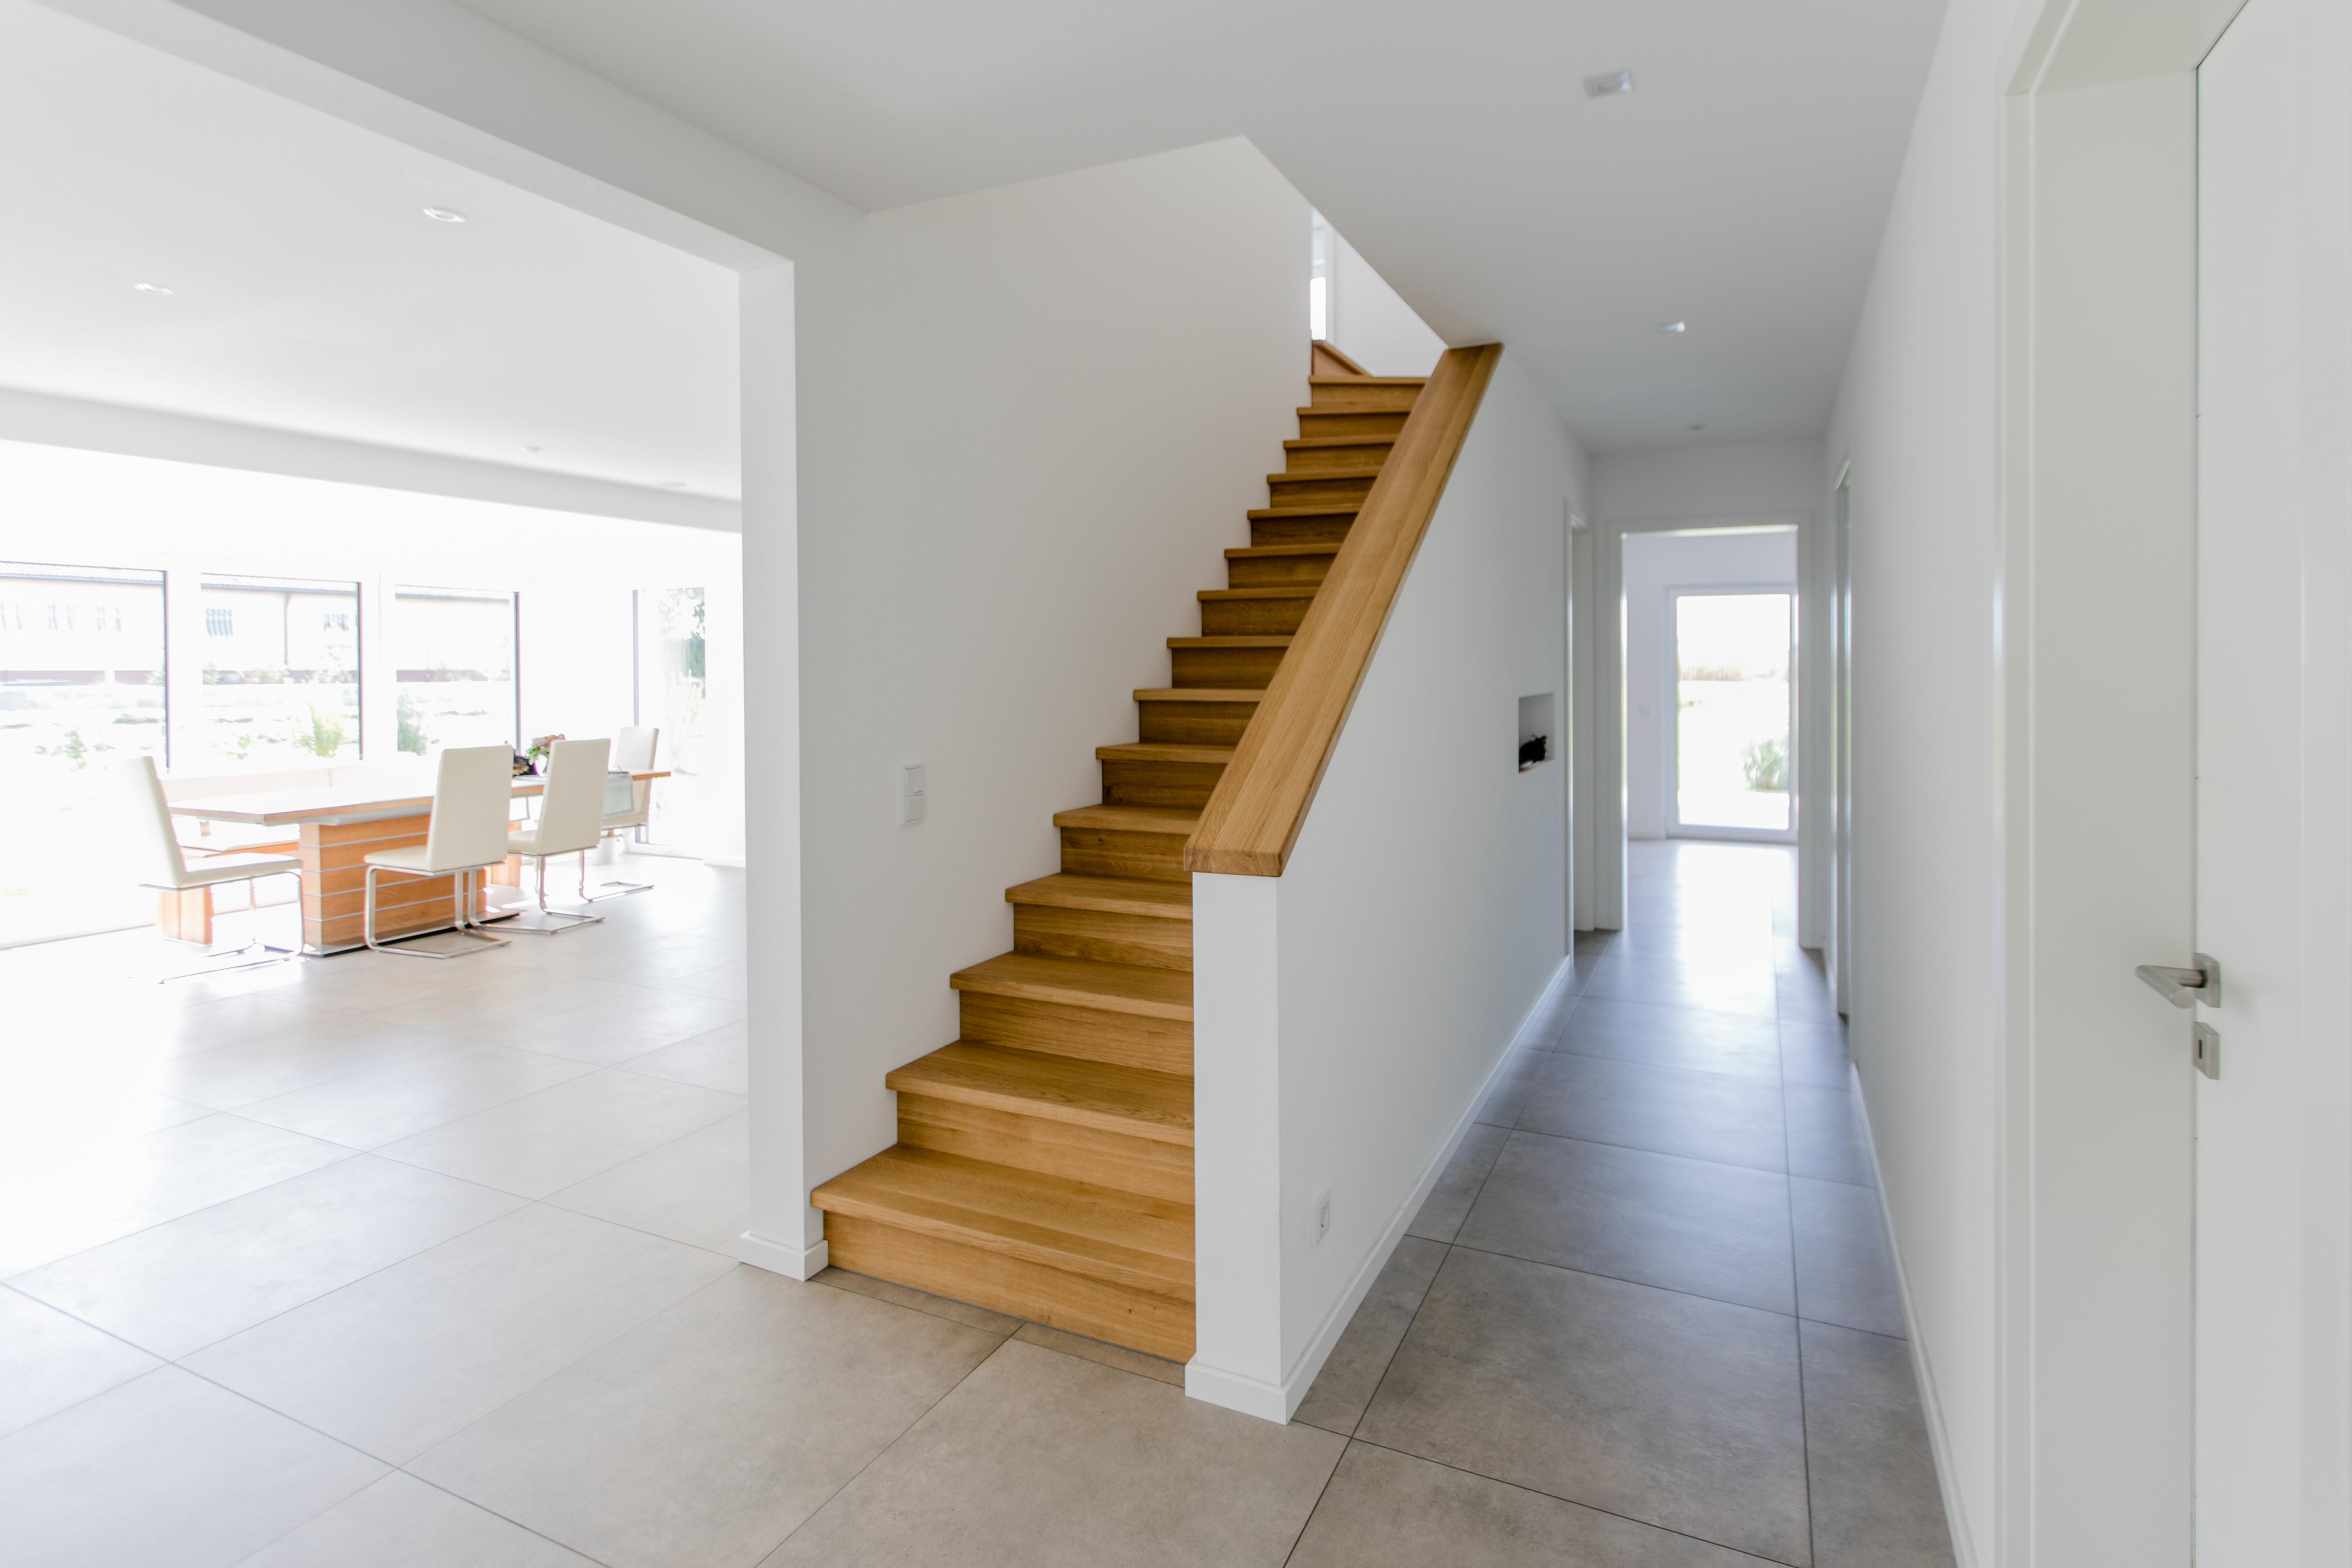 Gut bekannt Treppe aus hellem Holz   FischerHaus: Fertighäuser aus Bayern VB92